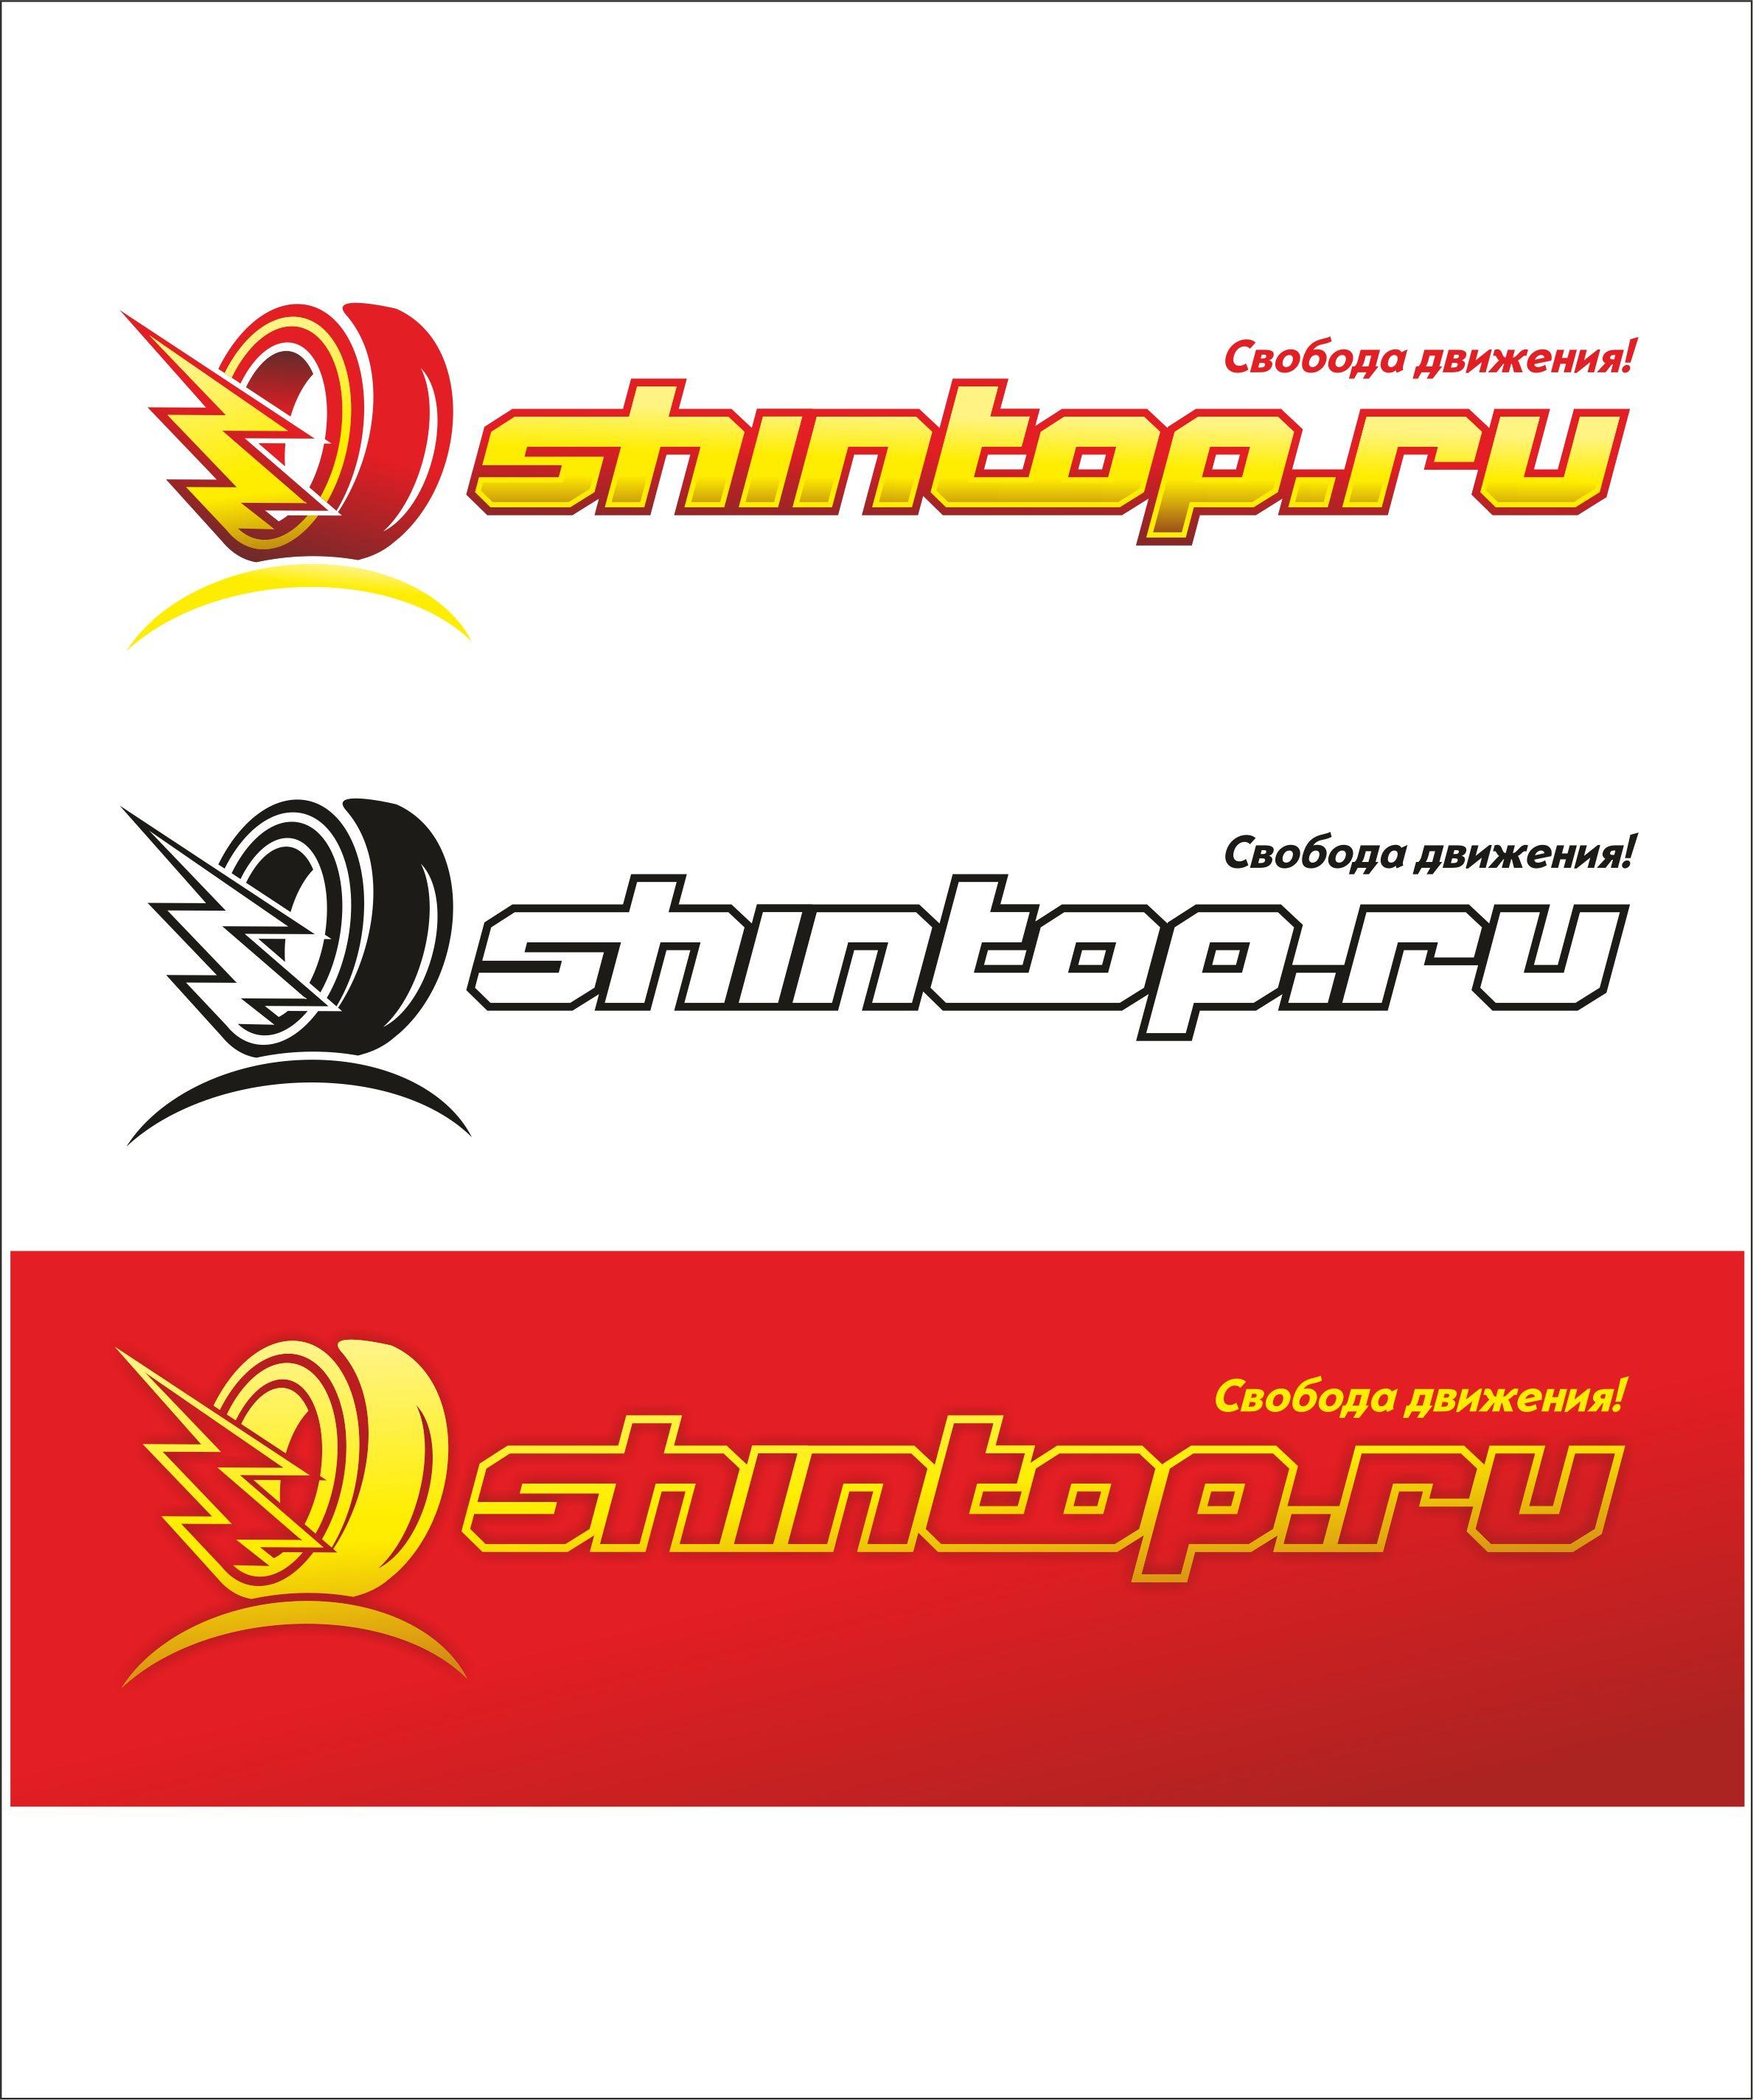 Логотип на